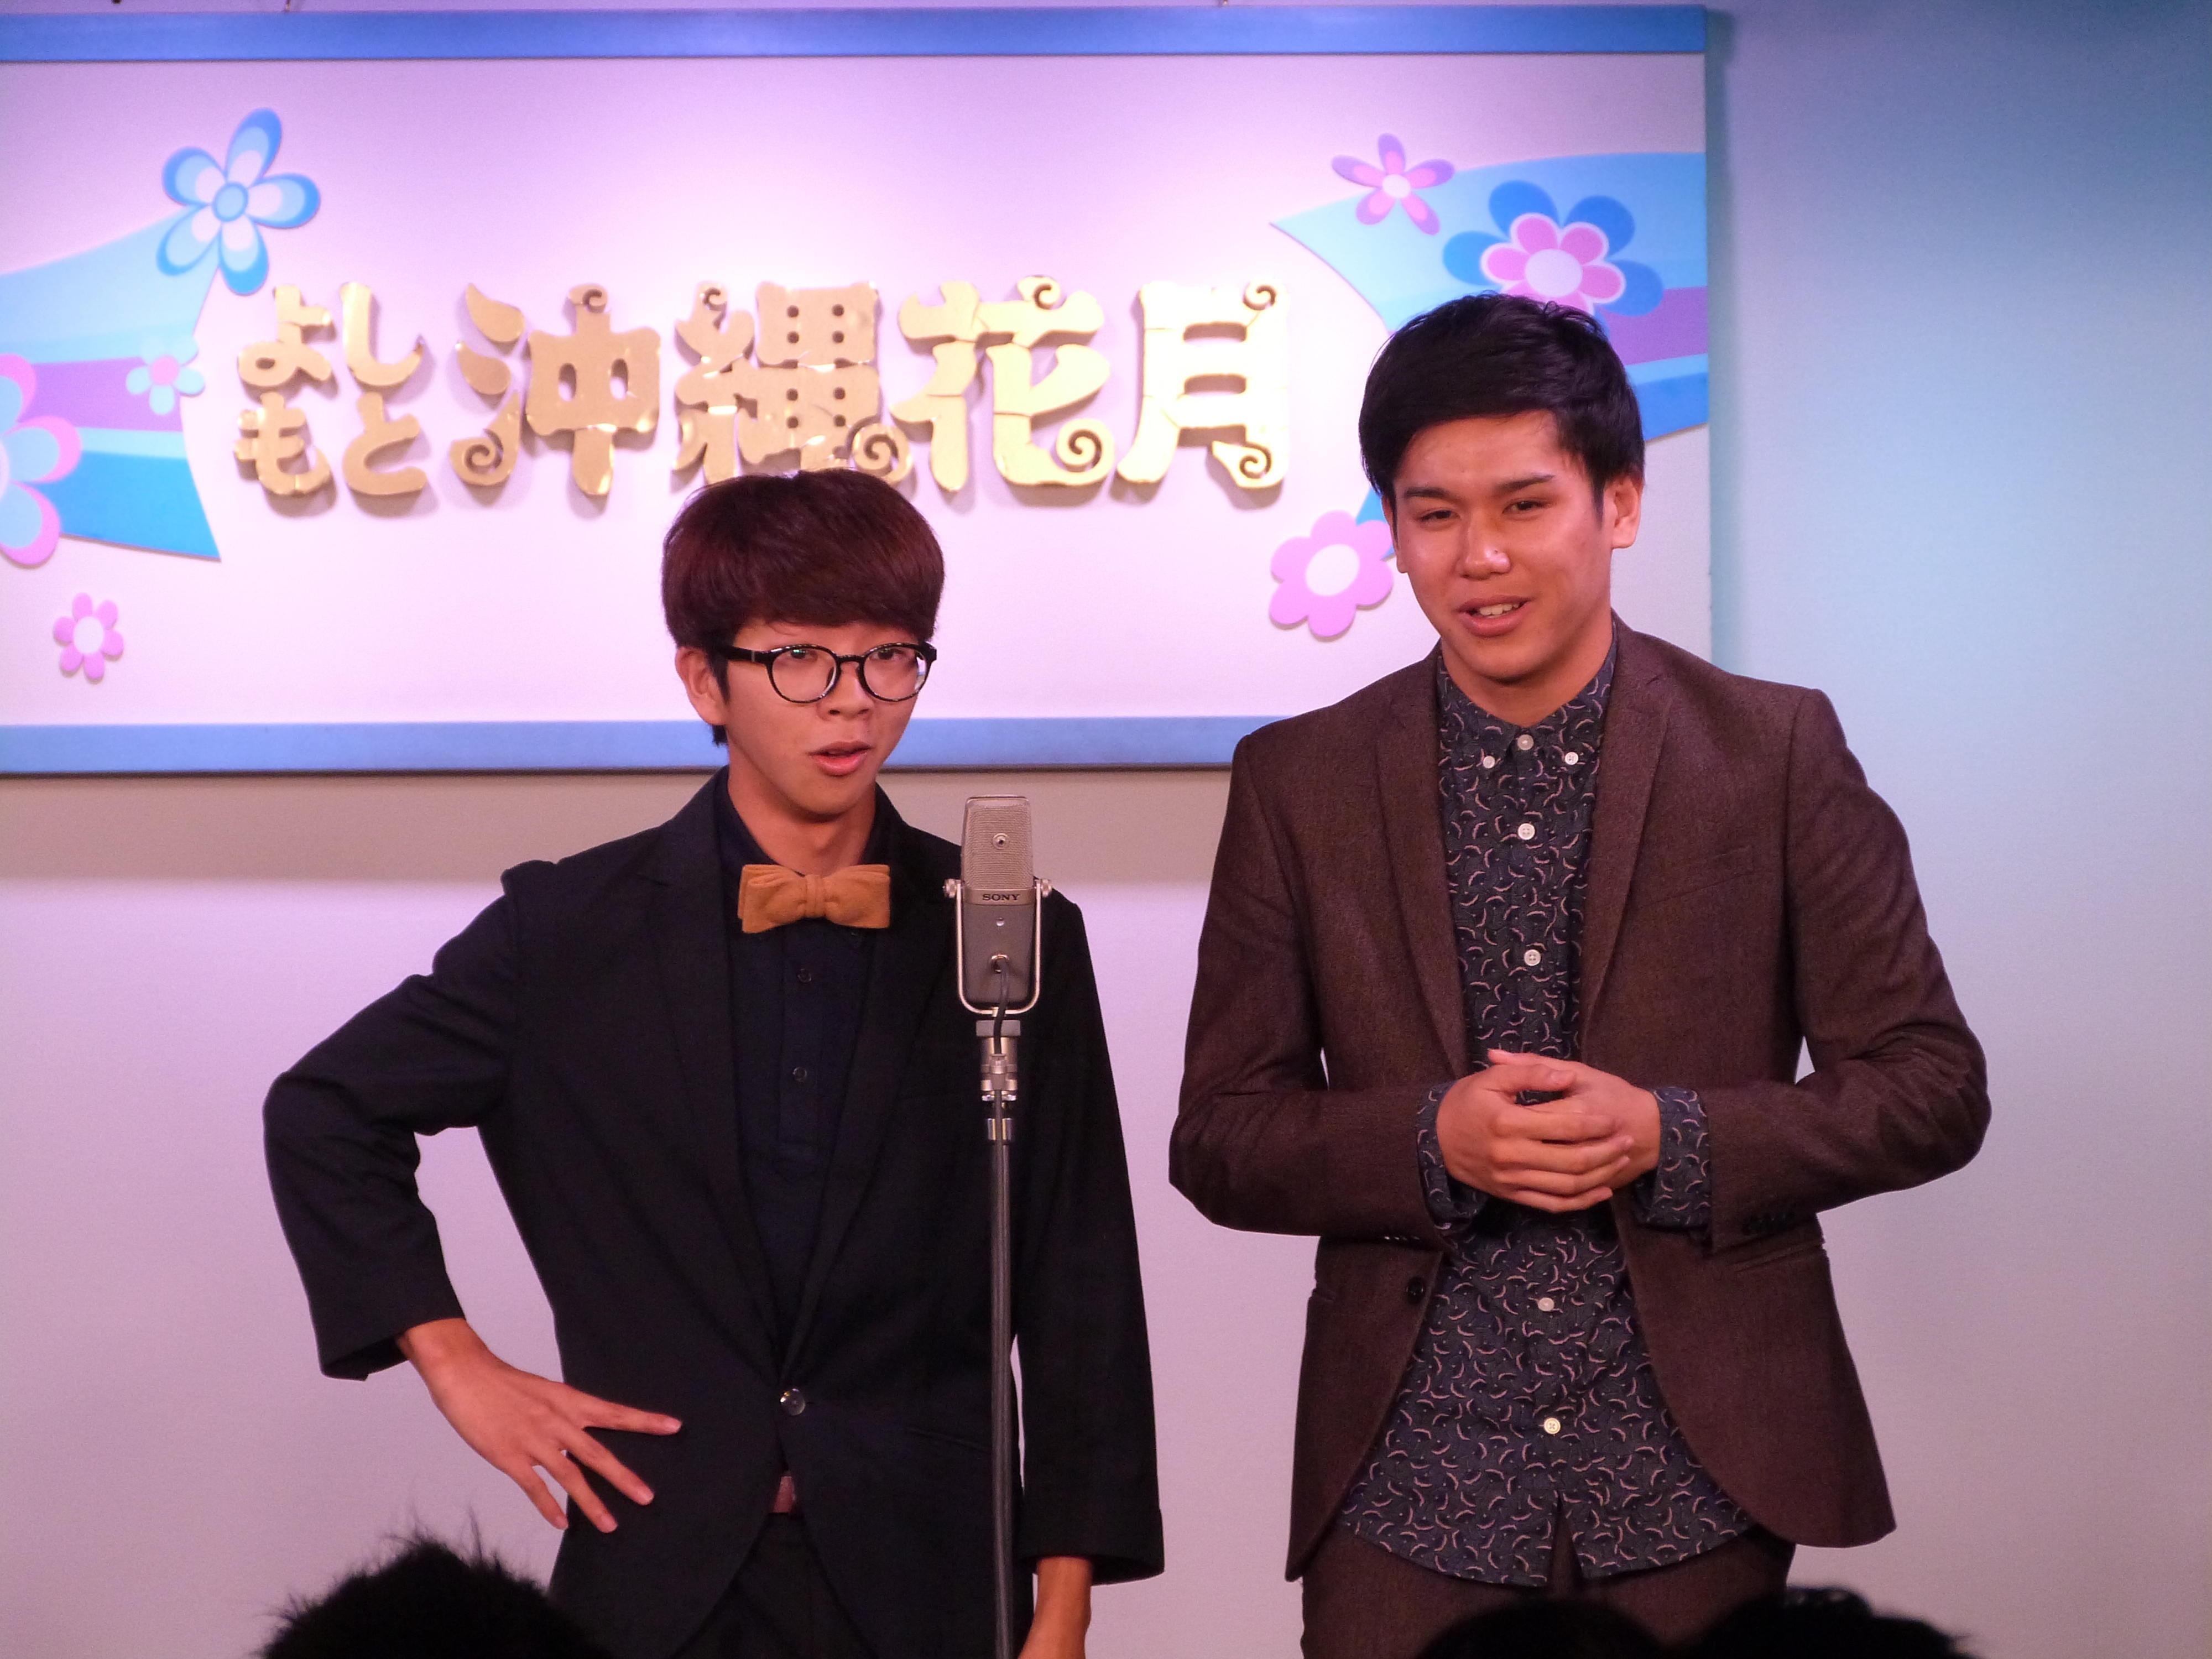 http://news.yoshimoto.co.jp/20180129193945-df65ad541b4e327f7cdc55d809a55aeddcd095f7.jpg